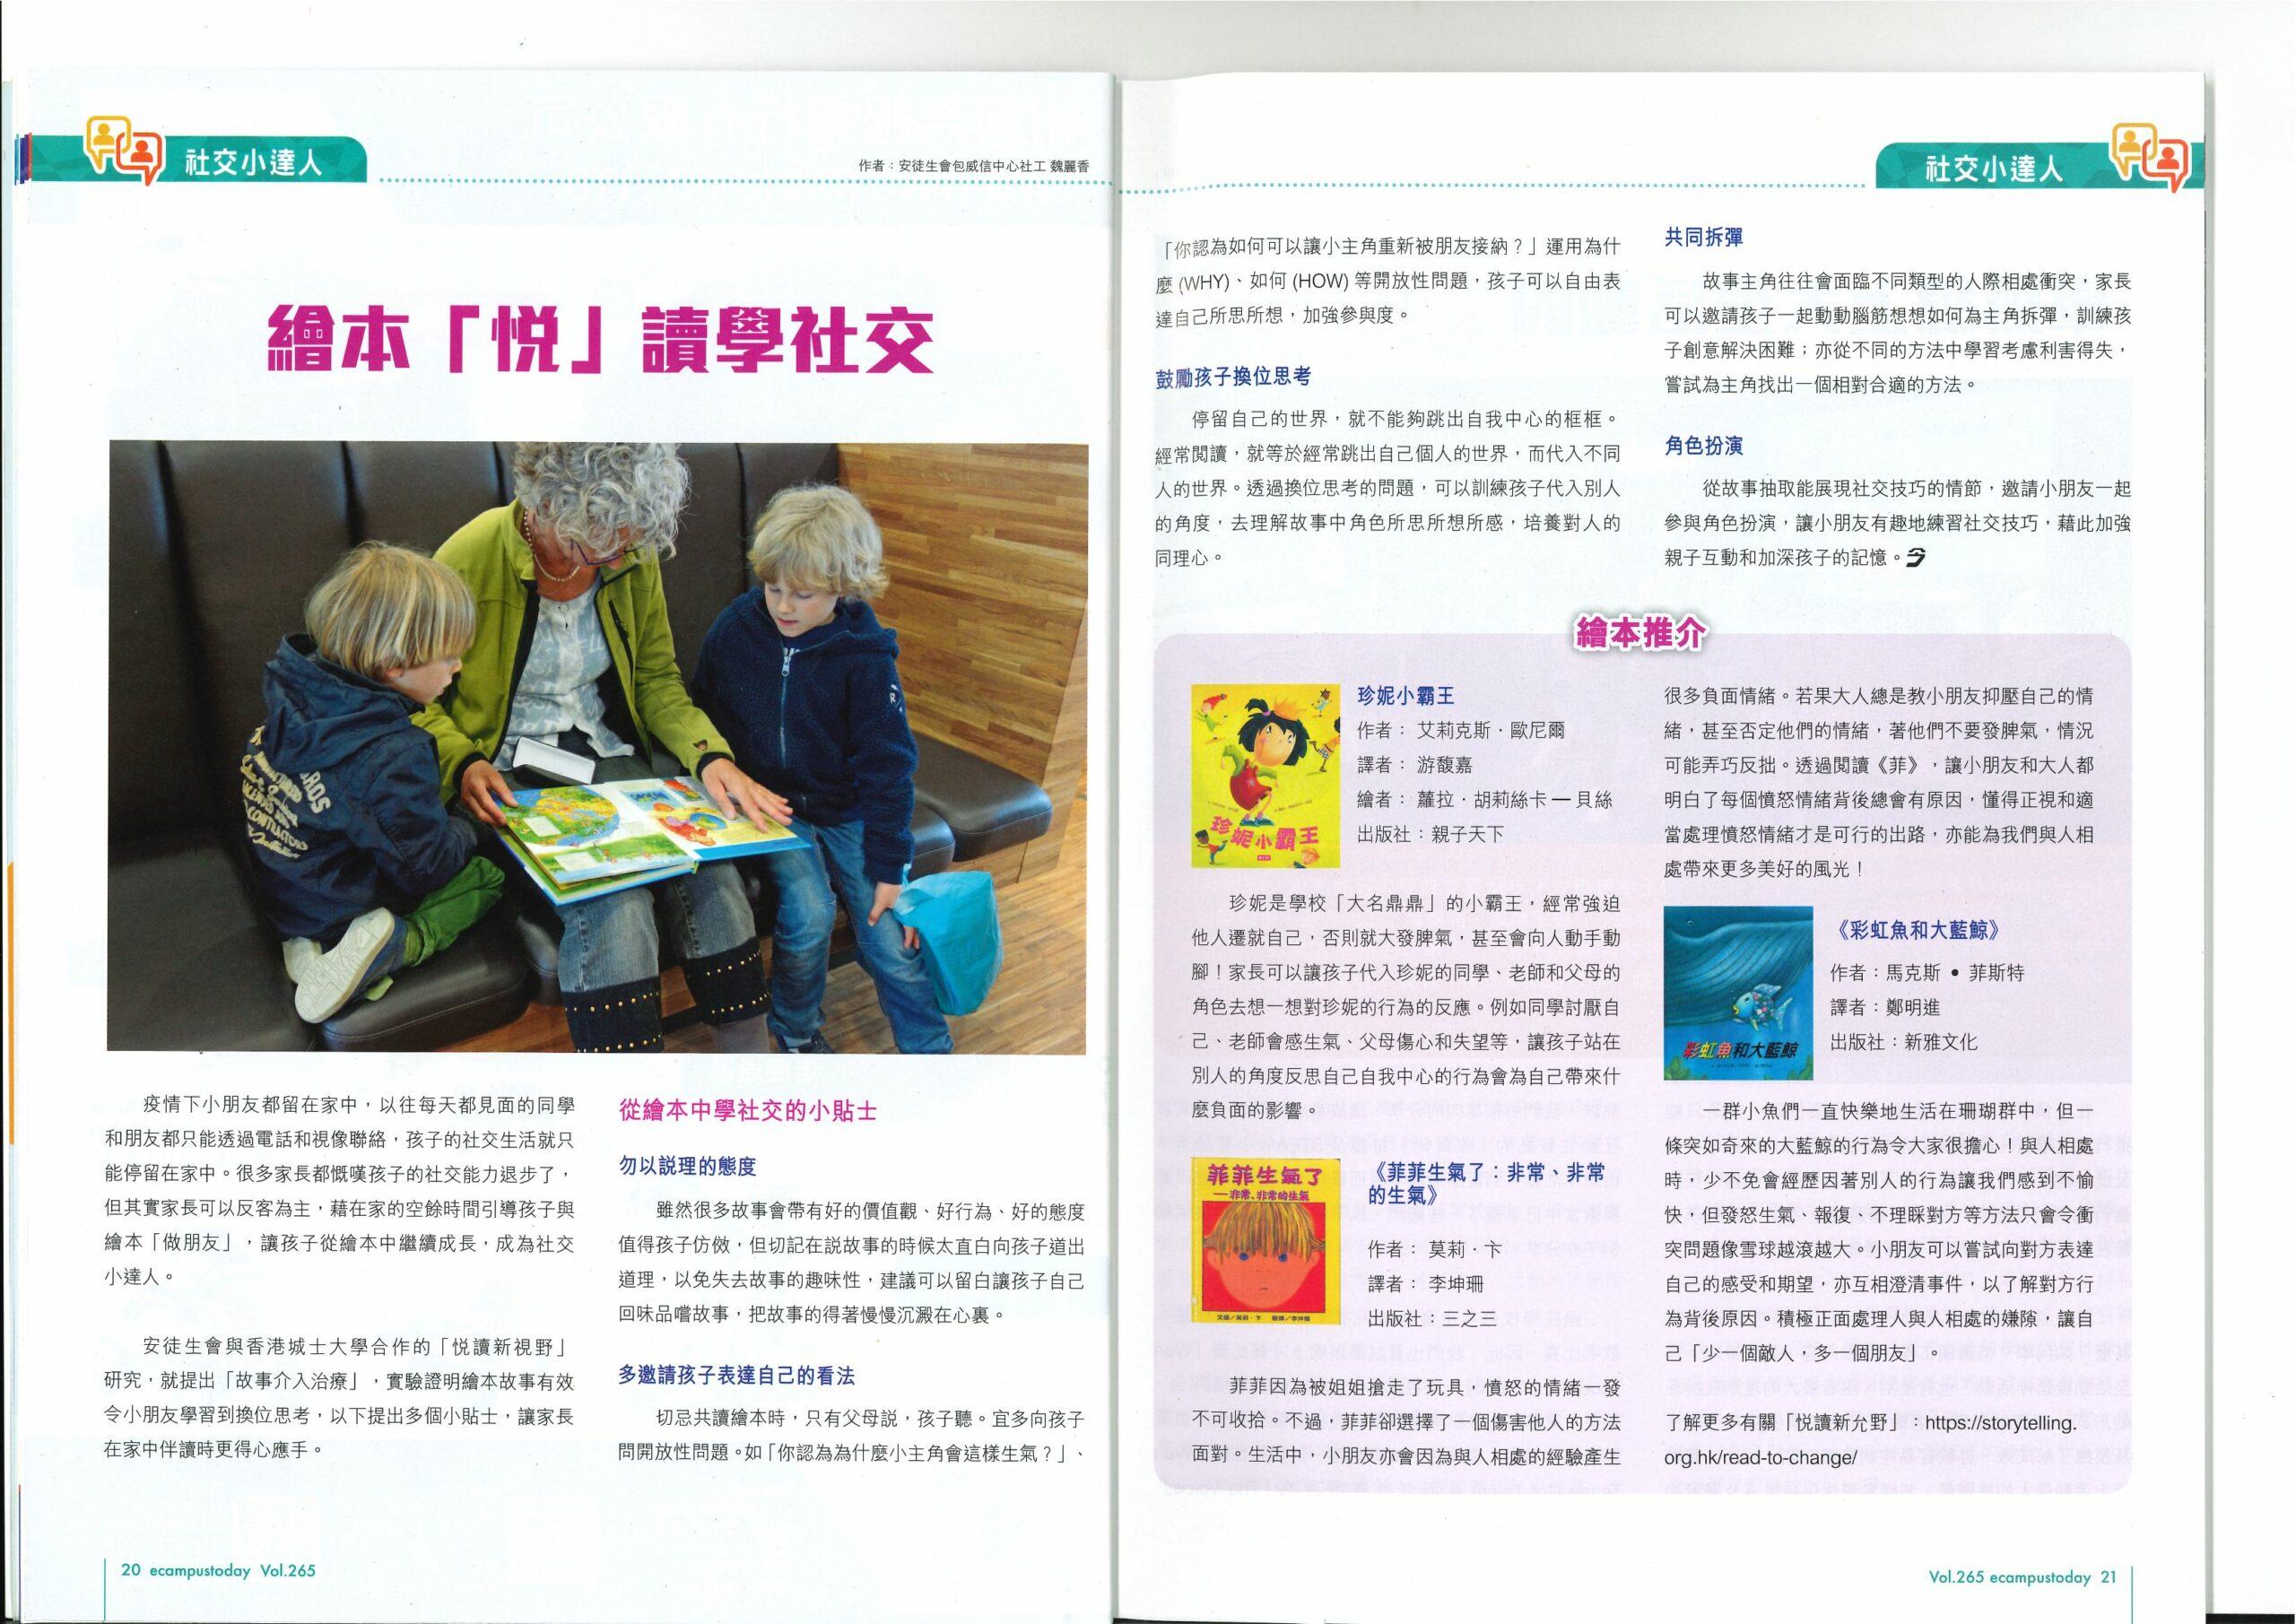 今日校園:繪本「悅」讀學社交